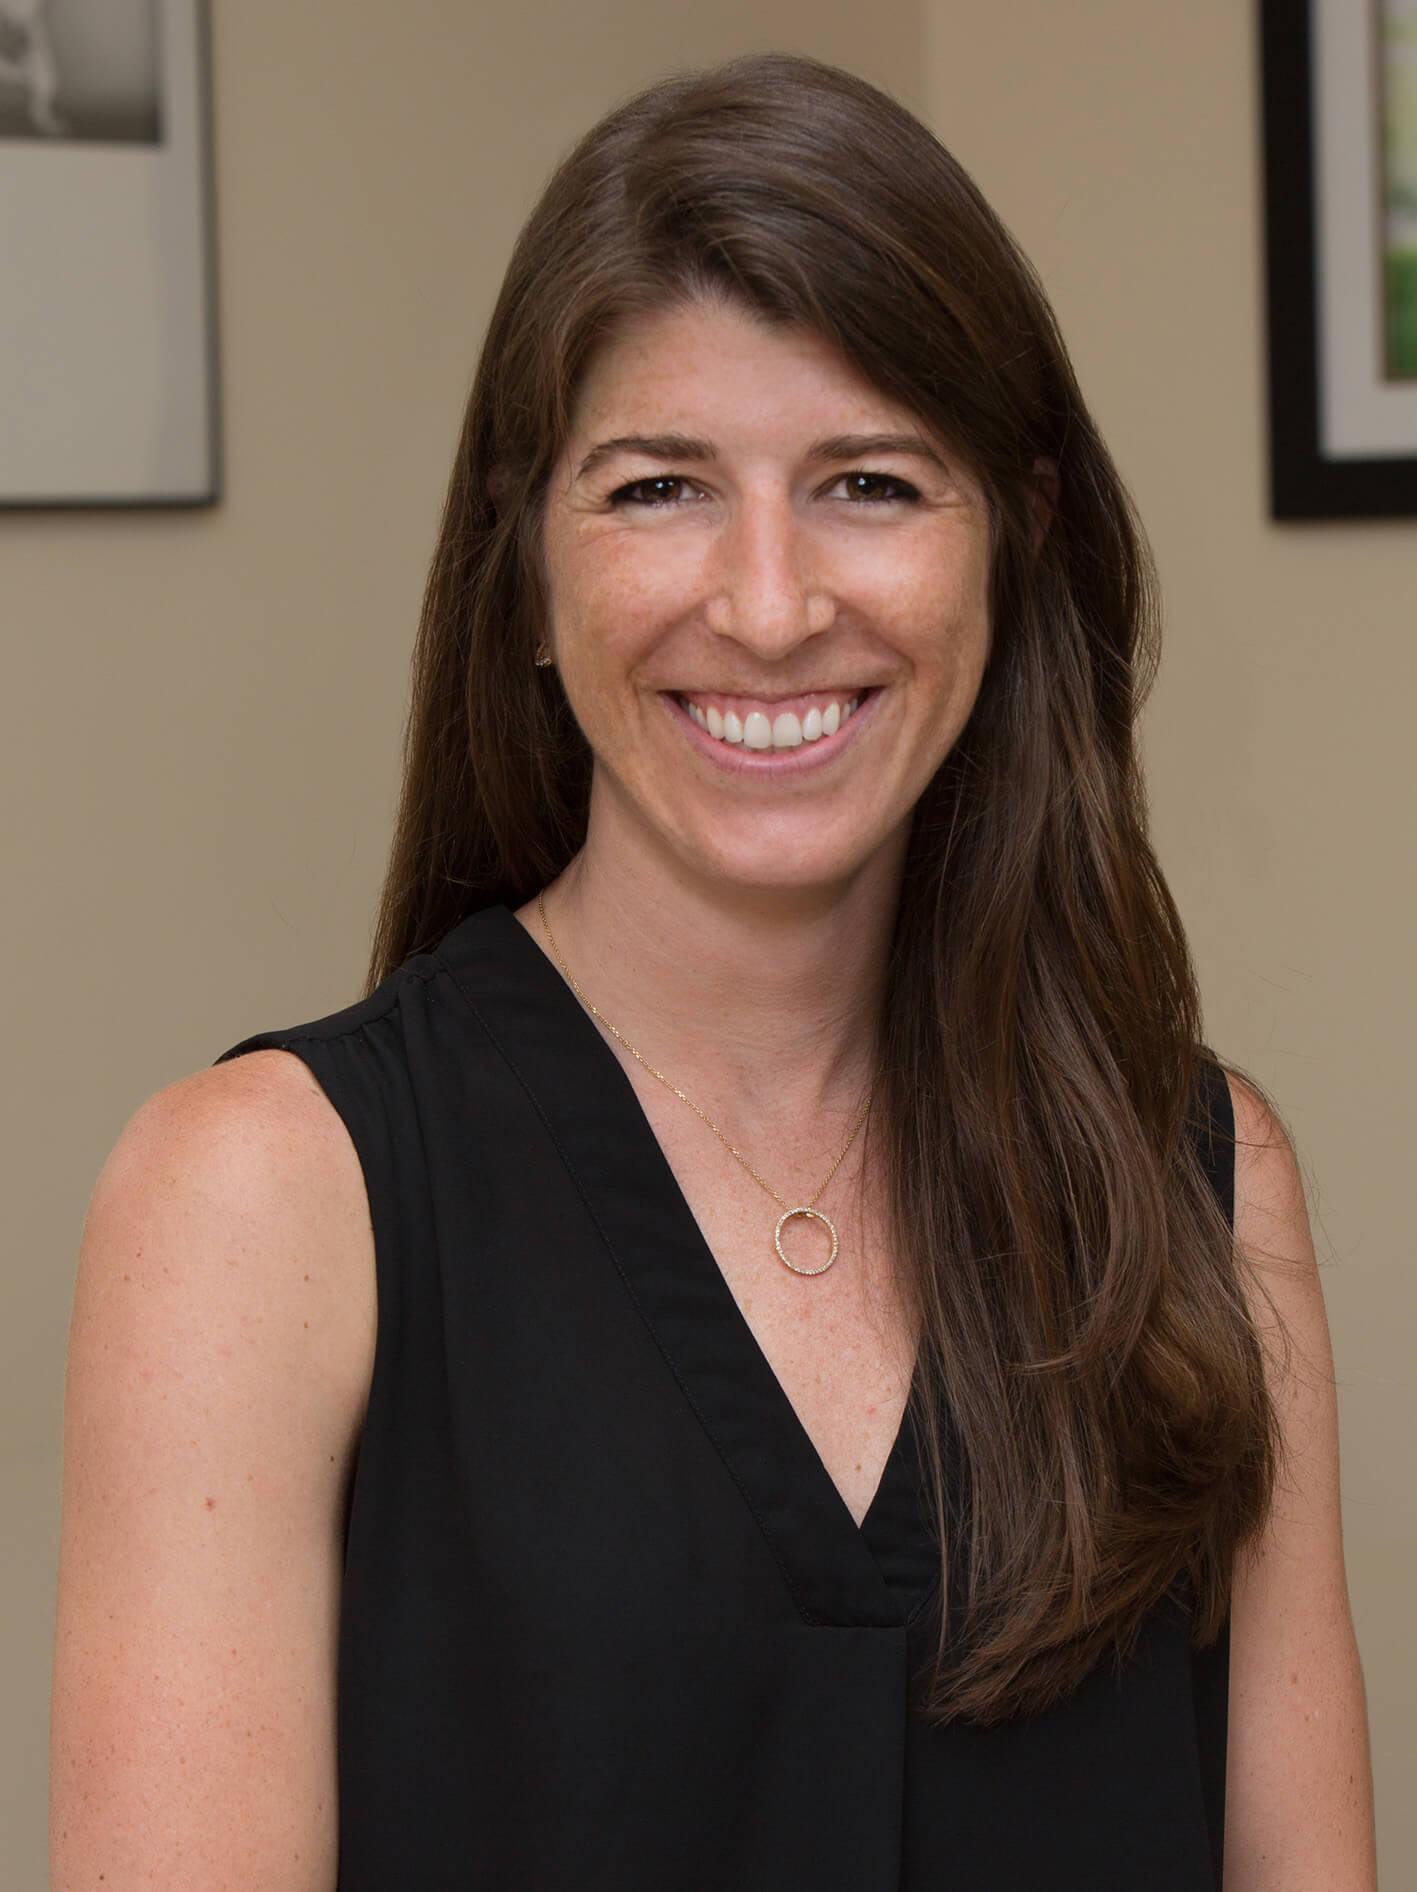 Dr. Elizabeth Pope